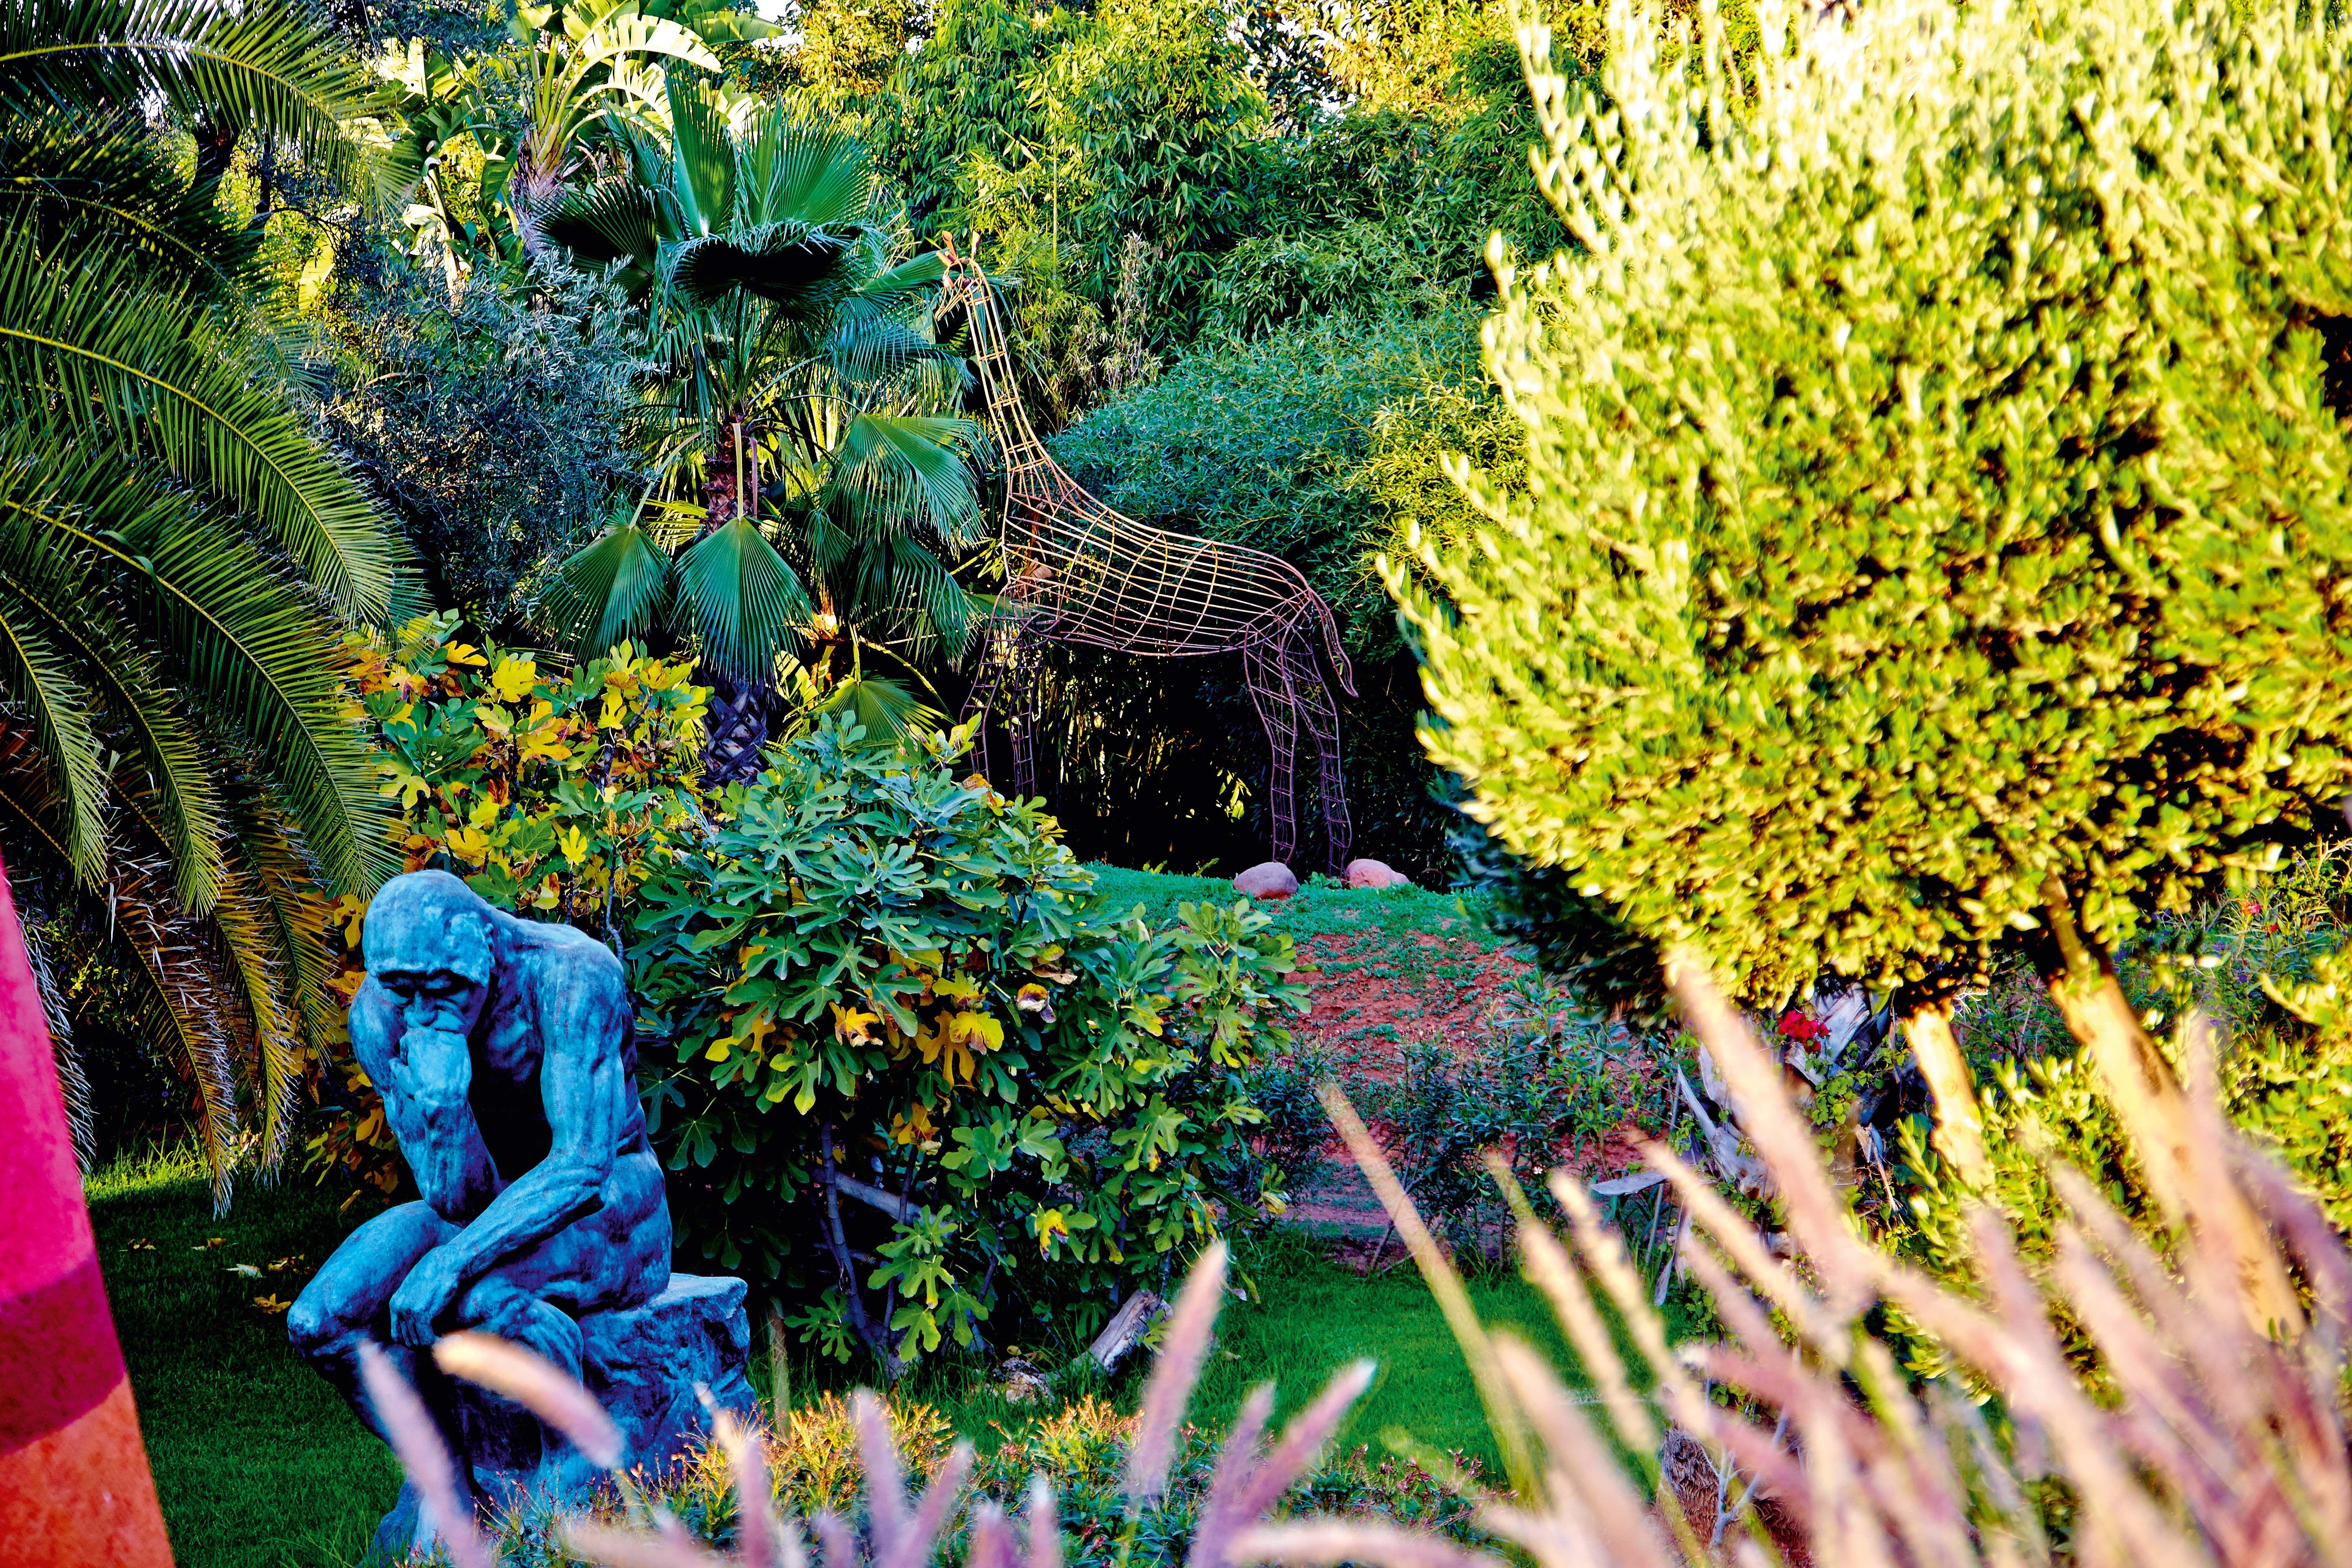 Pin By Anima Garden On Jardin Anima Marrakech Marrakech Gardens Marrakech Famous Gardens